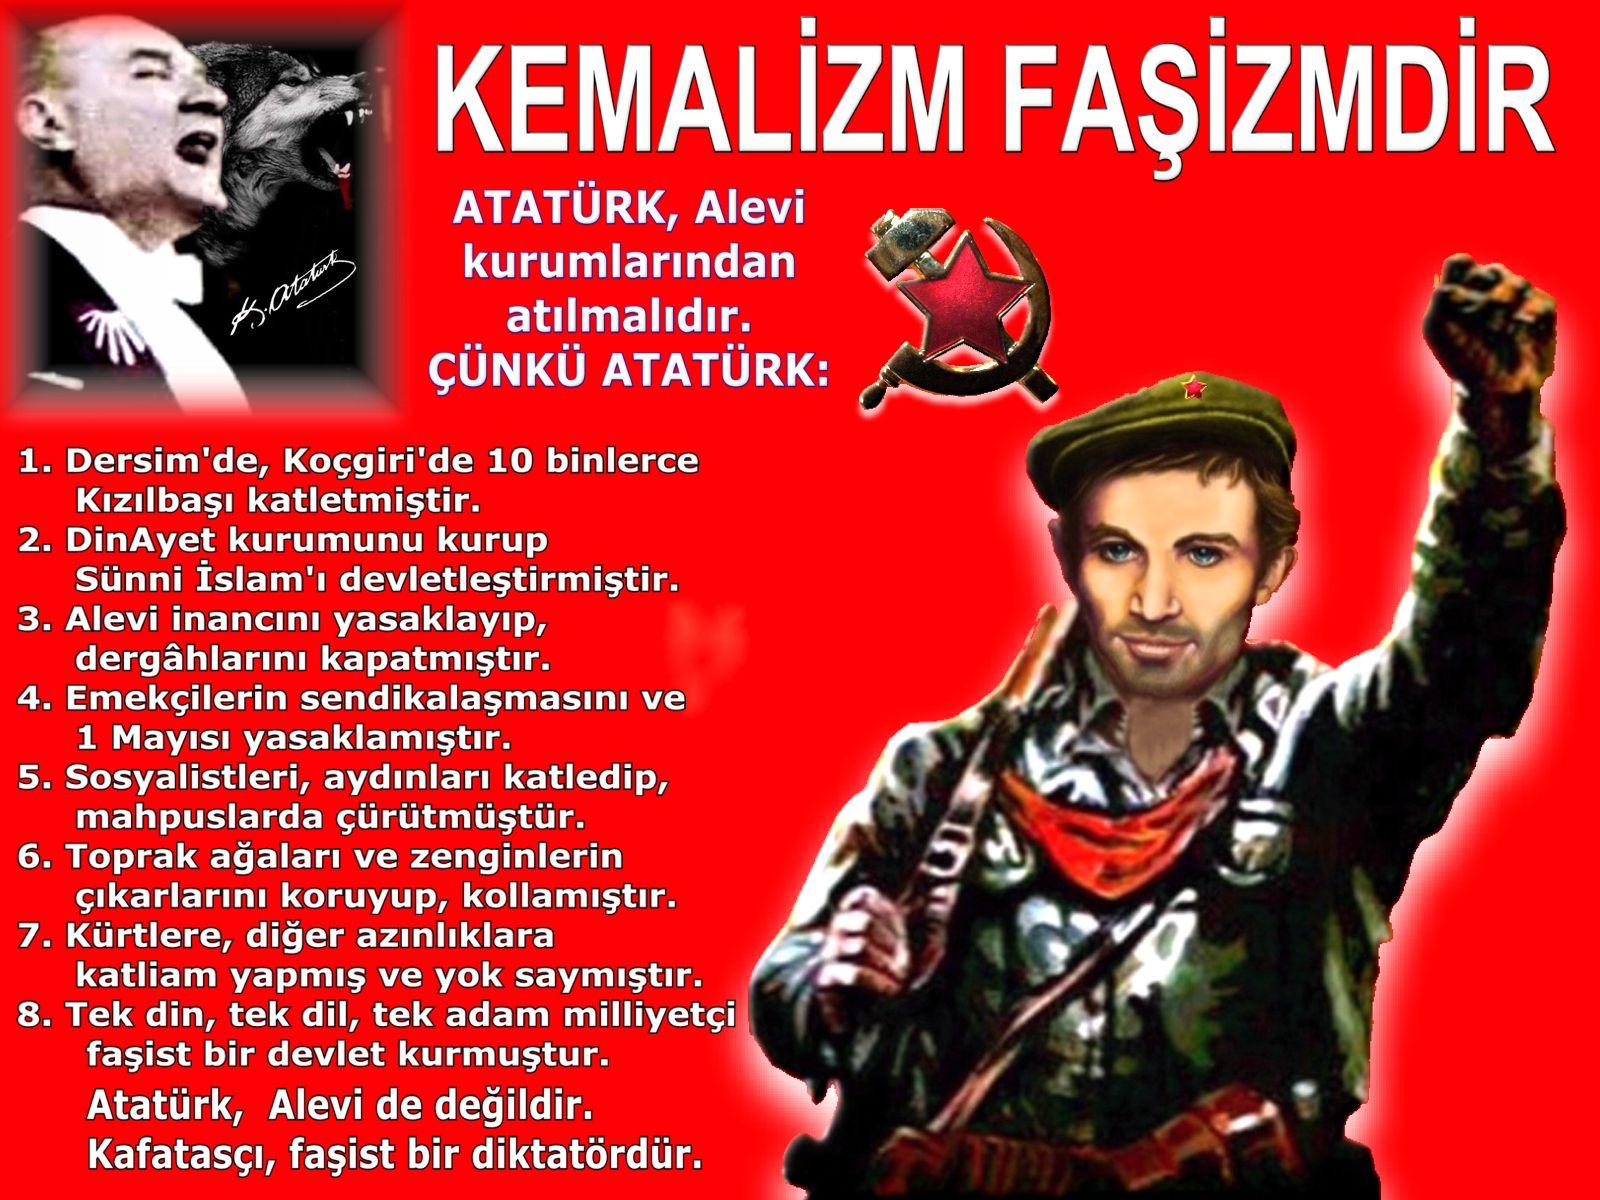 Devrimci Aleviler Birliği DAB Alevi Kızılbaş Bektaşi pir sultan cem hz Ali 12 imam semah Feramuz Şah Acar ibo kemalizm fasizmdir atatürk alevi kurumlarindan atilmalidir